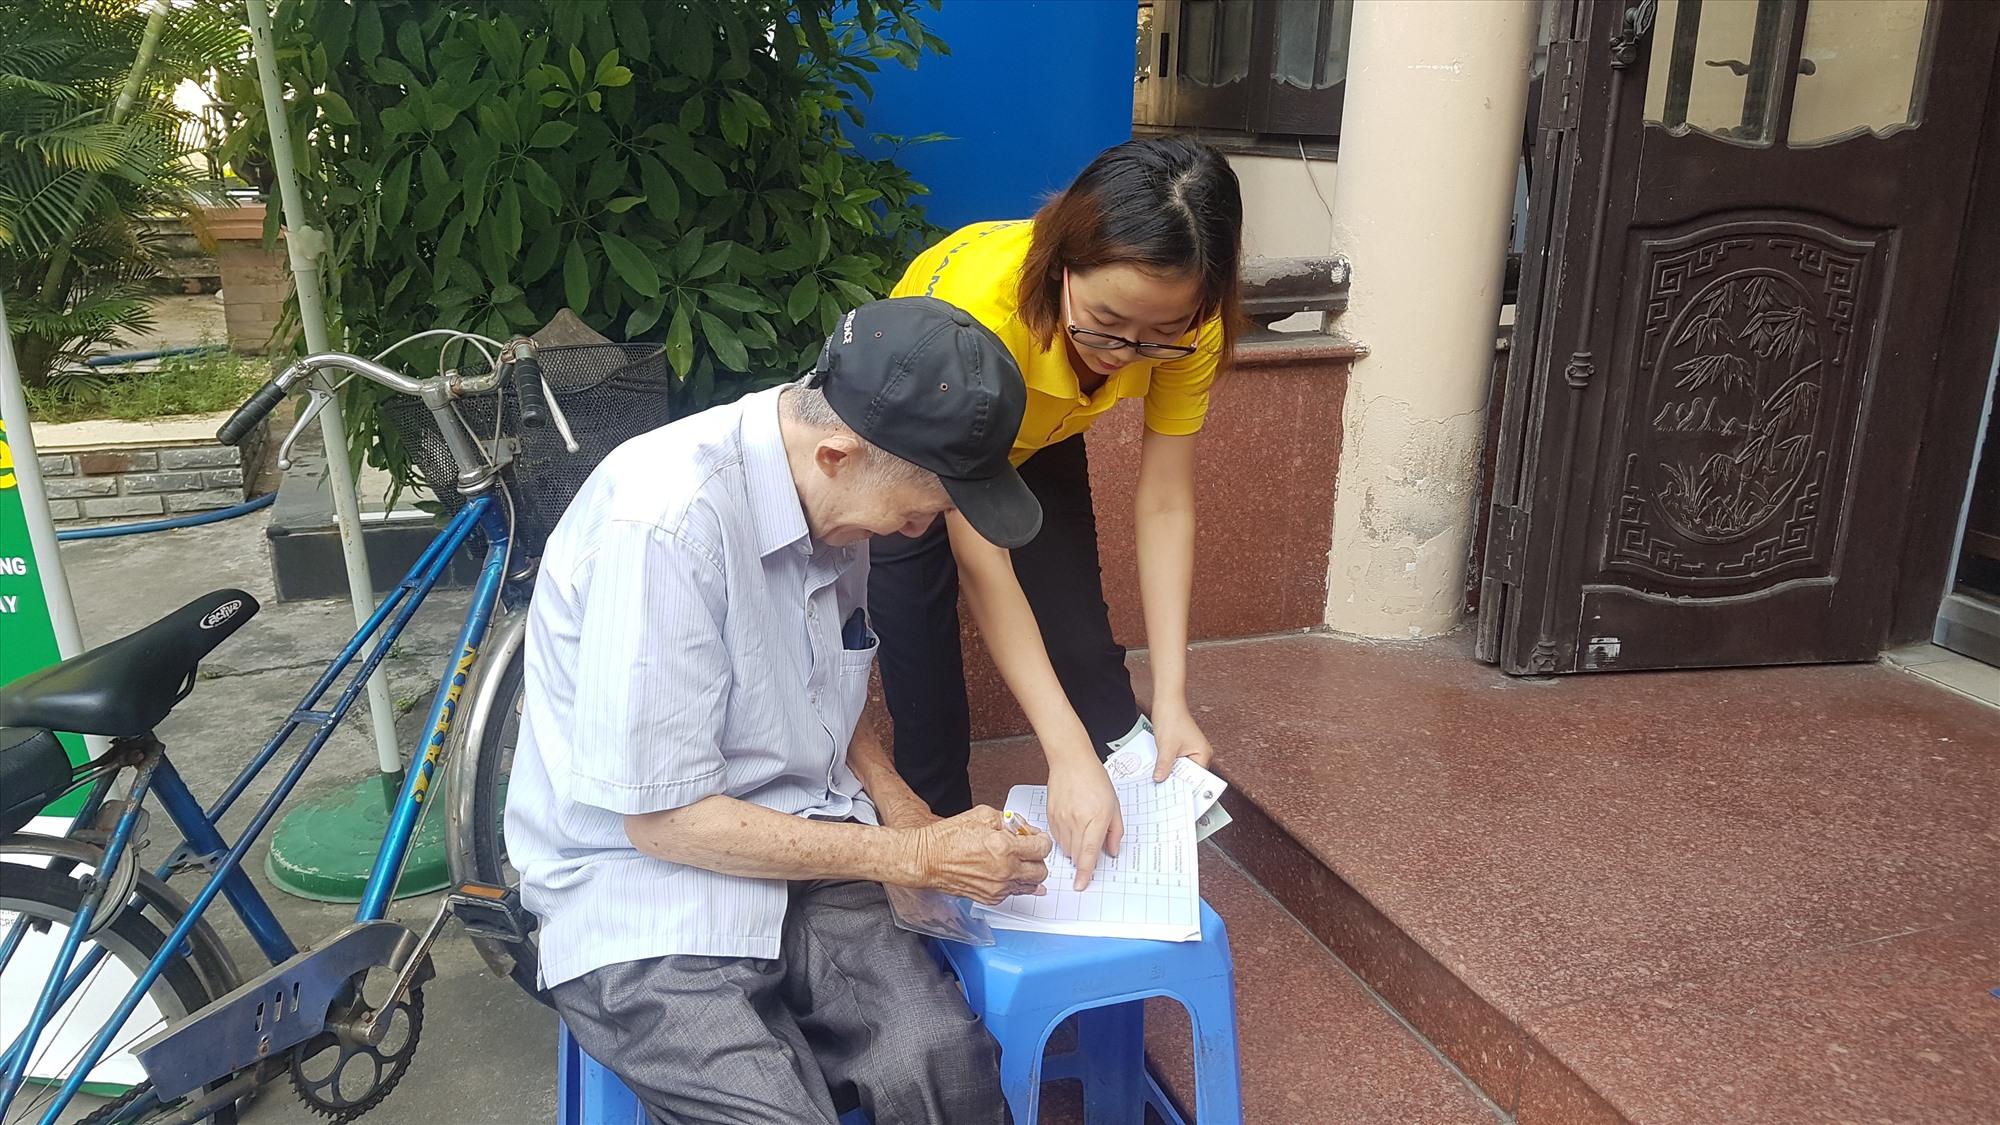 Người khuyết tật đi lại khó khăn được hỗ trợ nhận tiền hỗ trợ. Ảnh: D.L